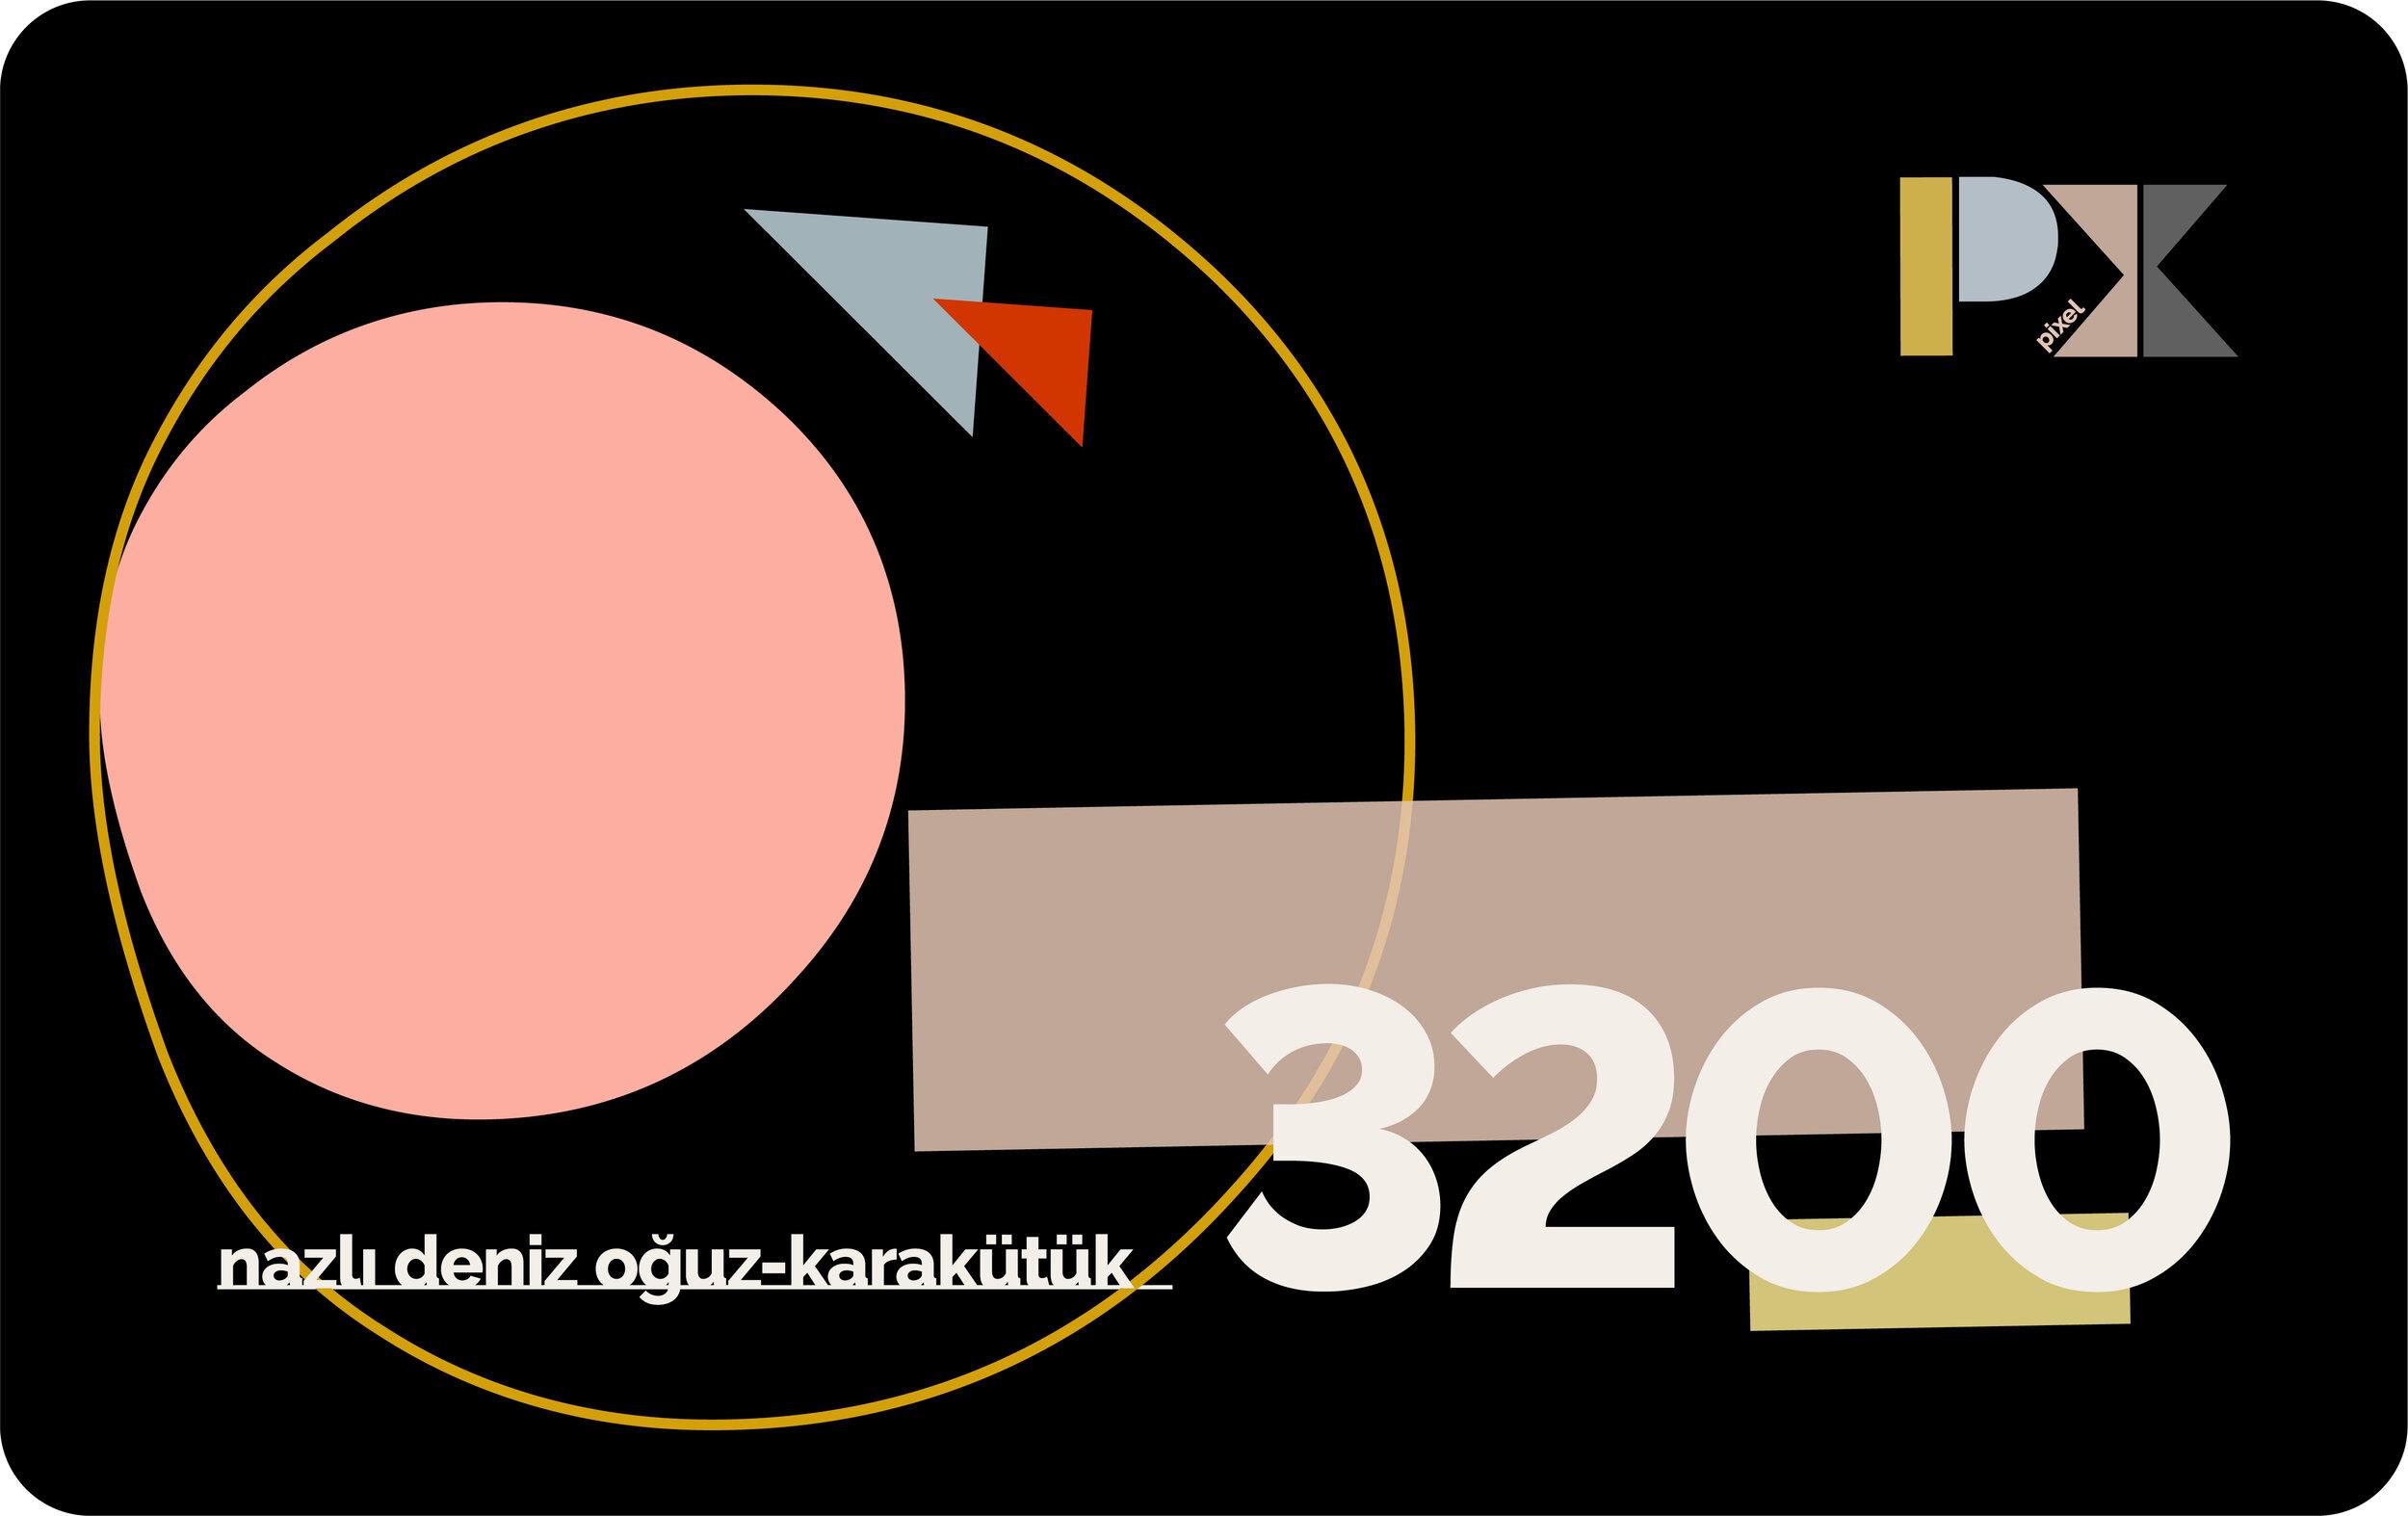 pixel kart-31.jpg